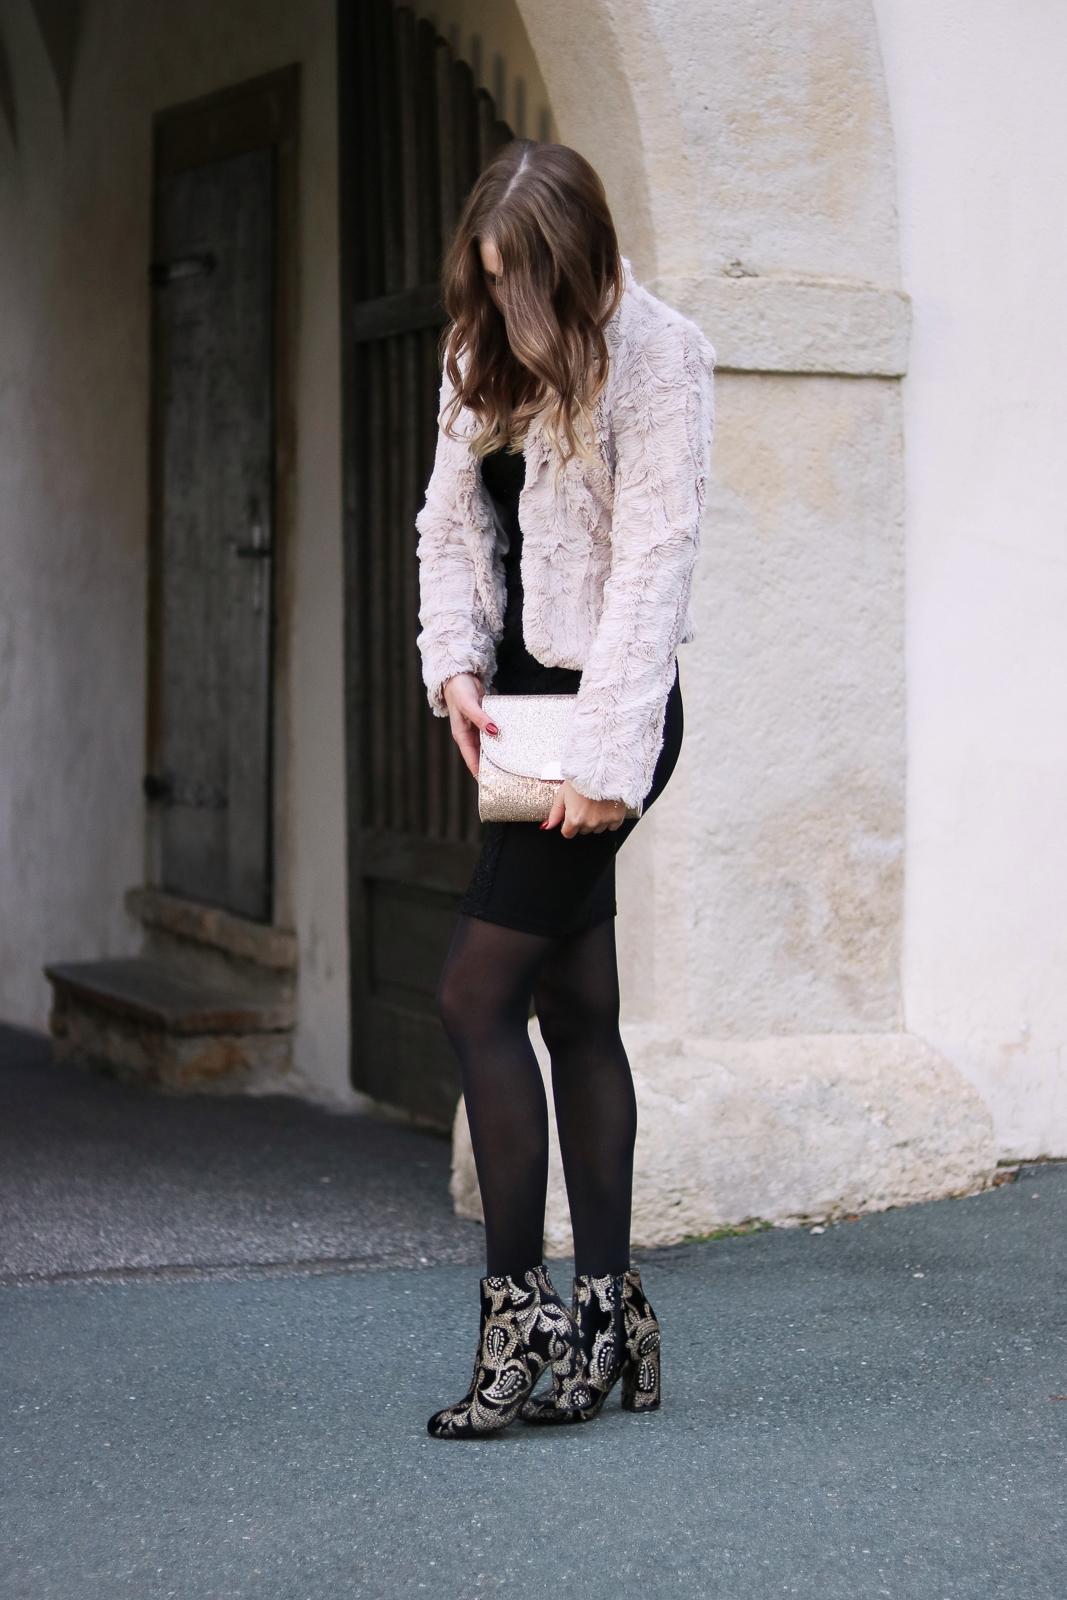 Sparkly Christmas Outfit - 24 Outfit inspirationen für den Weihnachtsabend oder die Weihnachtsfeier - Look für den Weihnachtsabend - Weihnachtsfeier Outfit - Mode für die Weihnachtsfeier - da perfekte Outfit für die Weihnachtsfeier - glitzerndes Weihnachtsoutfit - Weihnachtslook - festlicher Look - festliches Outfit - Weihnachts Outfit - Weihnachtsoutfit - Fashionladyloves by Tamara Wagner - Fashion Blog - Mode Blog aus Graz Österreich